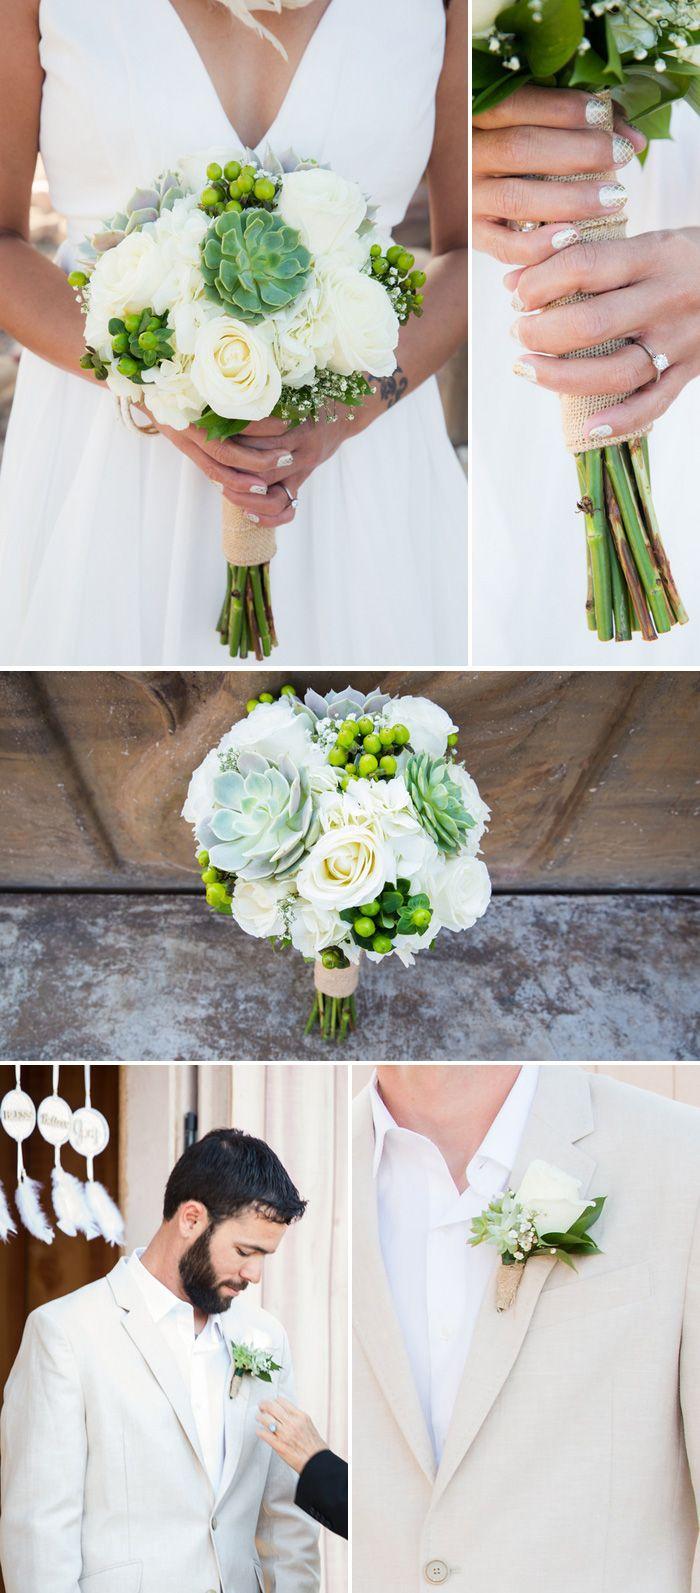 Brautstrauß und Anstecker in Weiß mit Sukkulenten Bilder: © Taylored Photo Memories